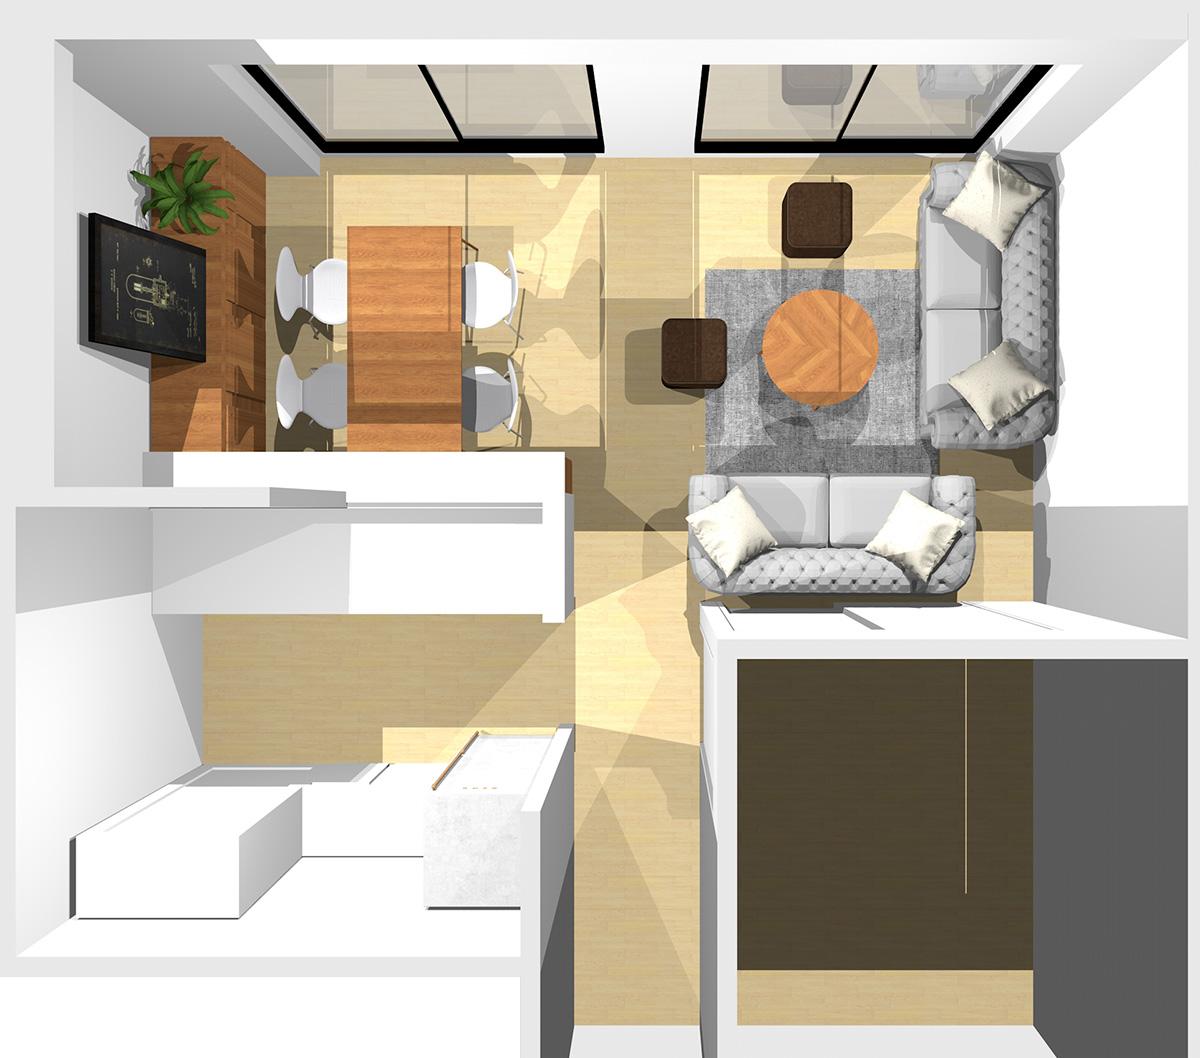 短い壁(①)と和室との入口(扉を閉めっぱなしで使う場合)の前に1台ずつソファを置いた横長リビング